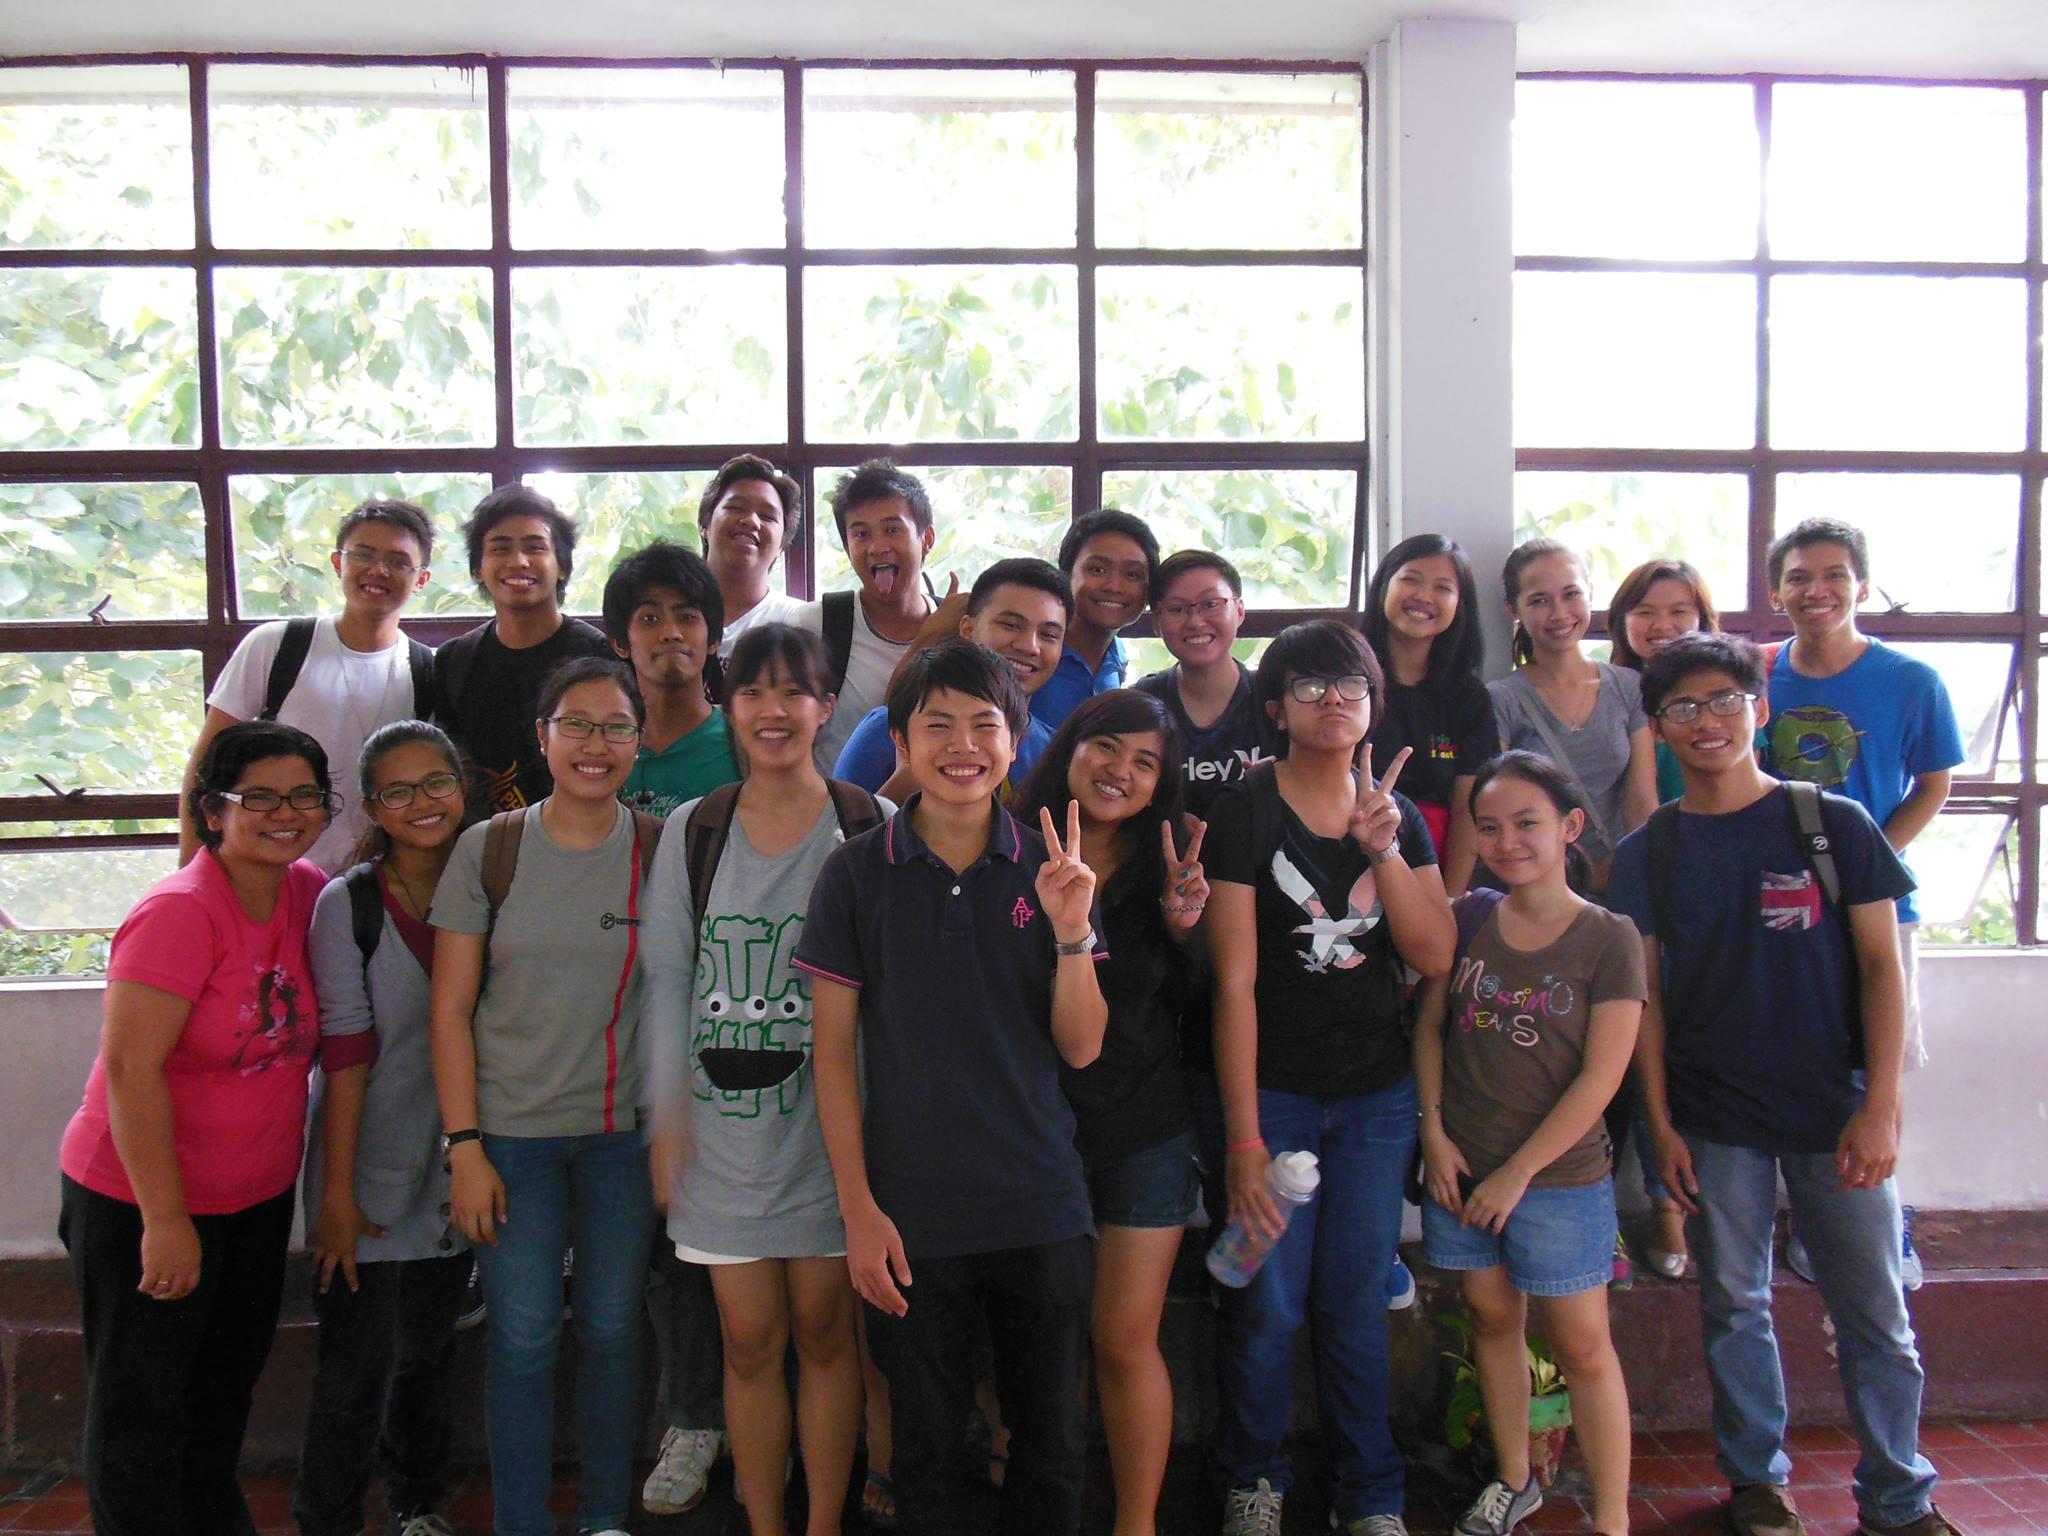 フィリピン人の寛容さ。現地で行った日本語教育プログラム。